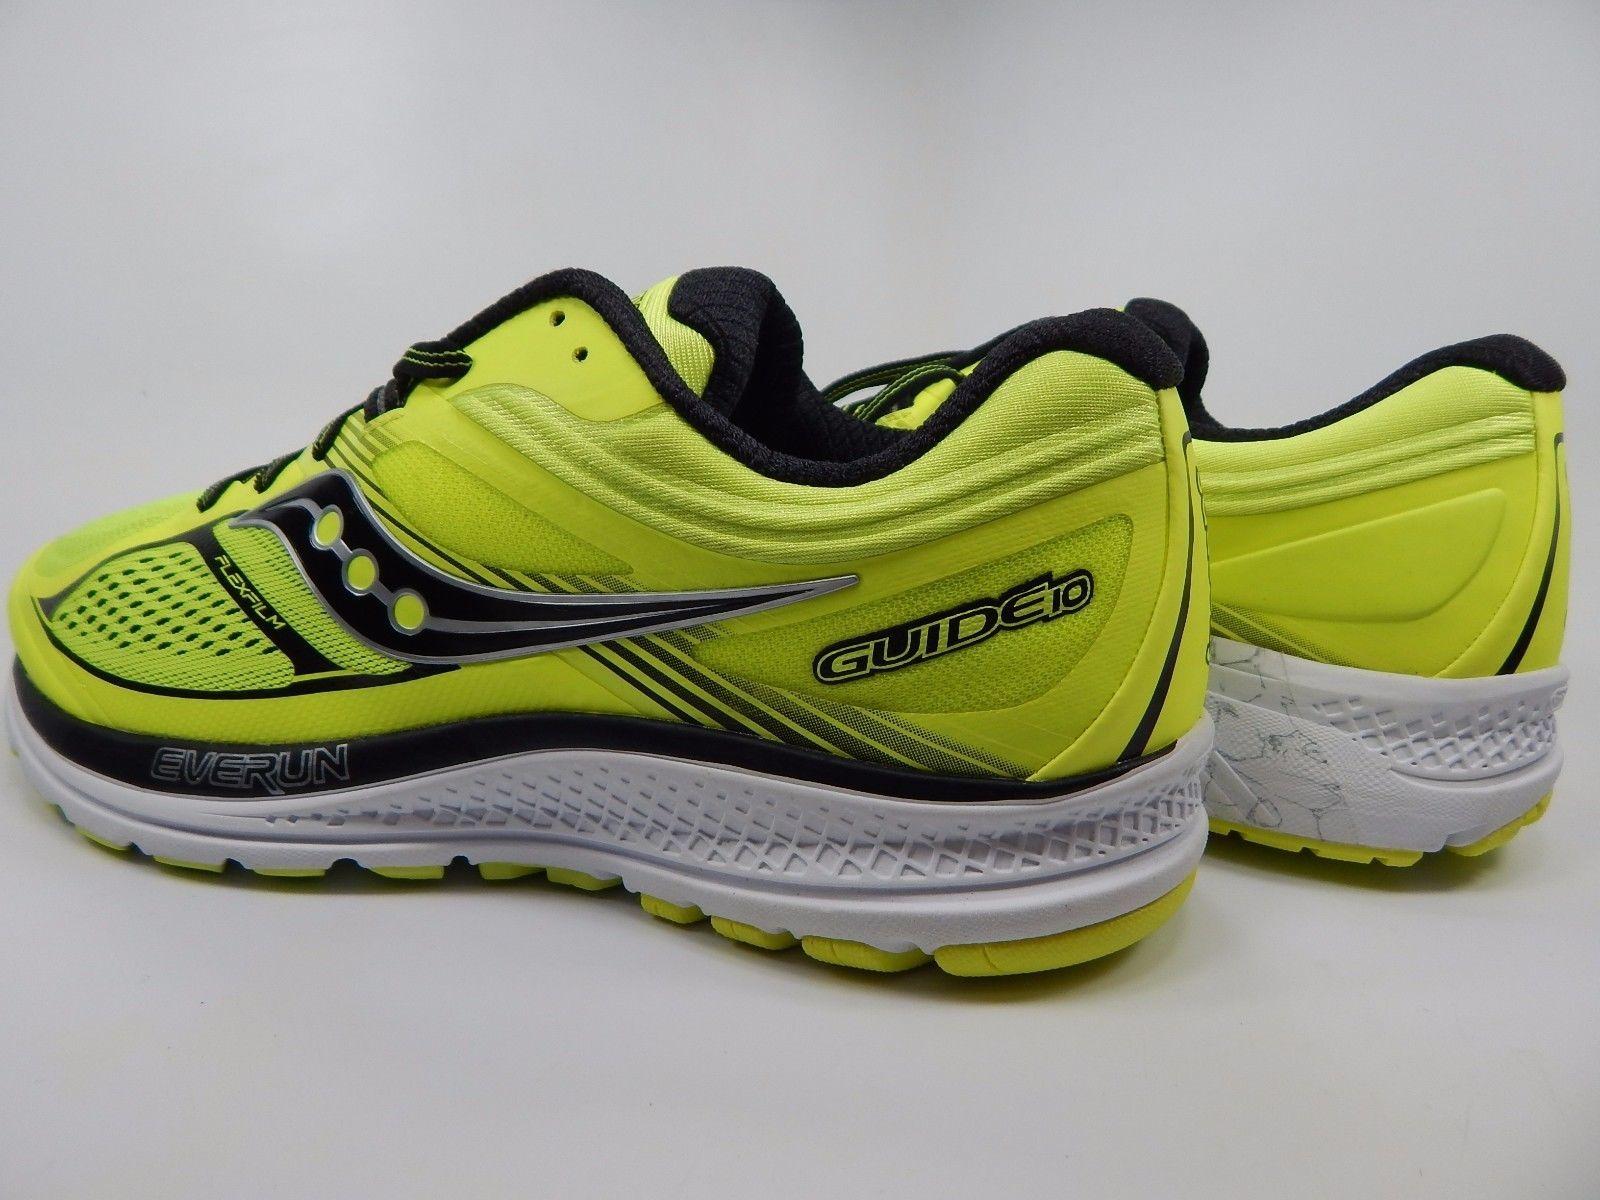 Saucony Guide 10 Men's Running Shoes Sz US 9 M (D) EU 42.5 Citron Black S20350-3